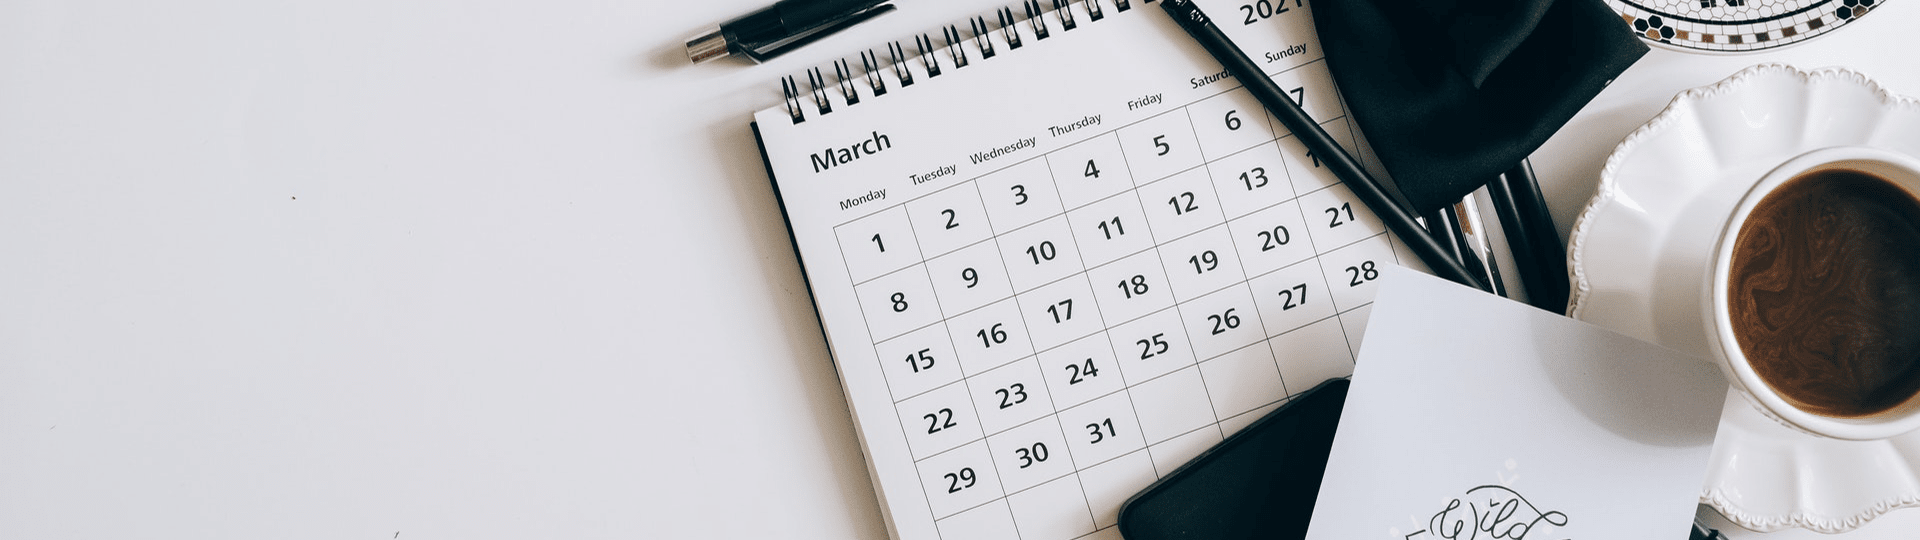 Social media calendar